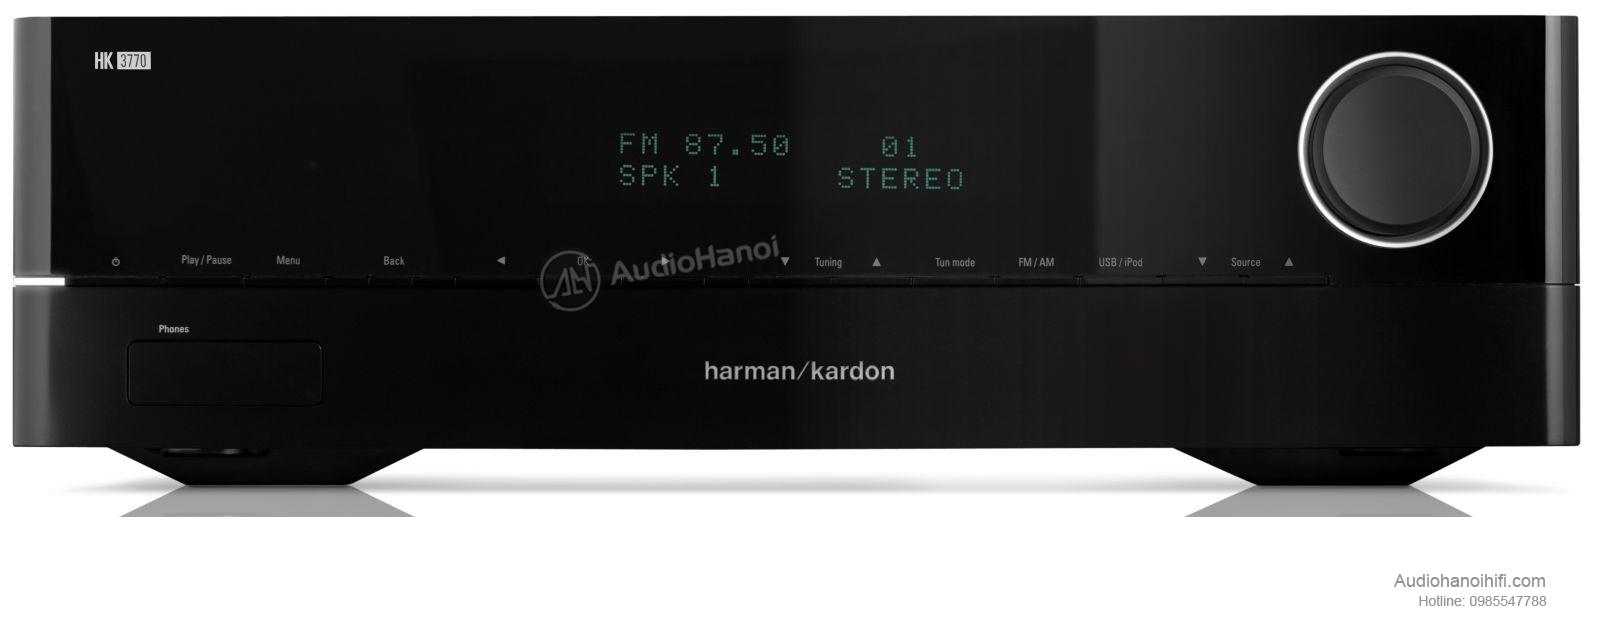 ampli Harman Kardon HK 3770